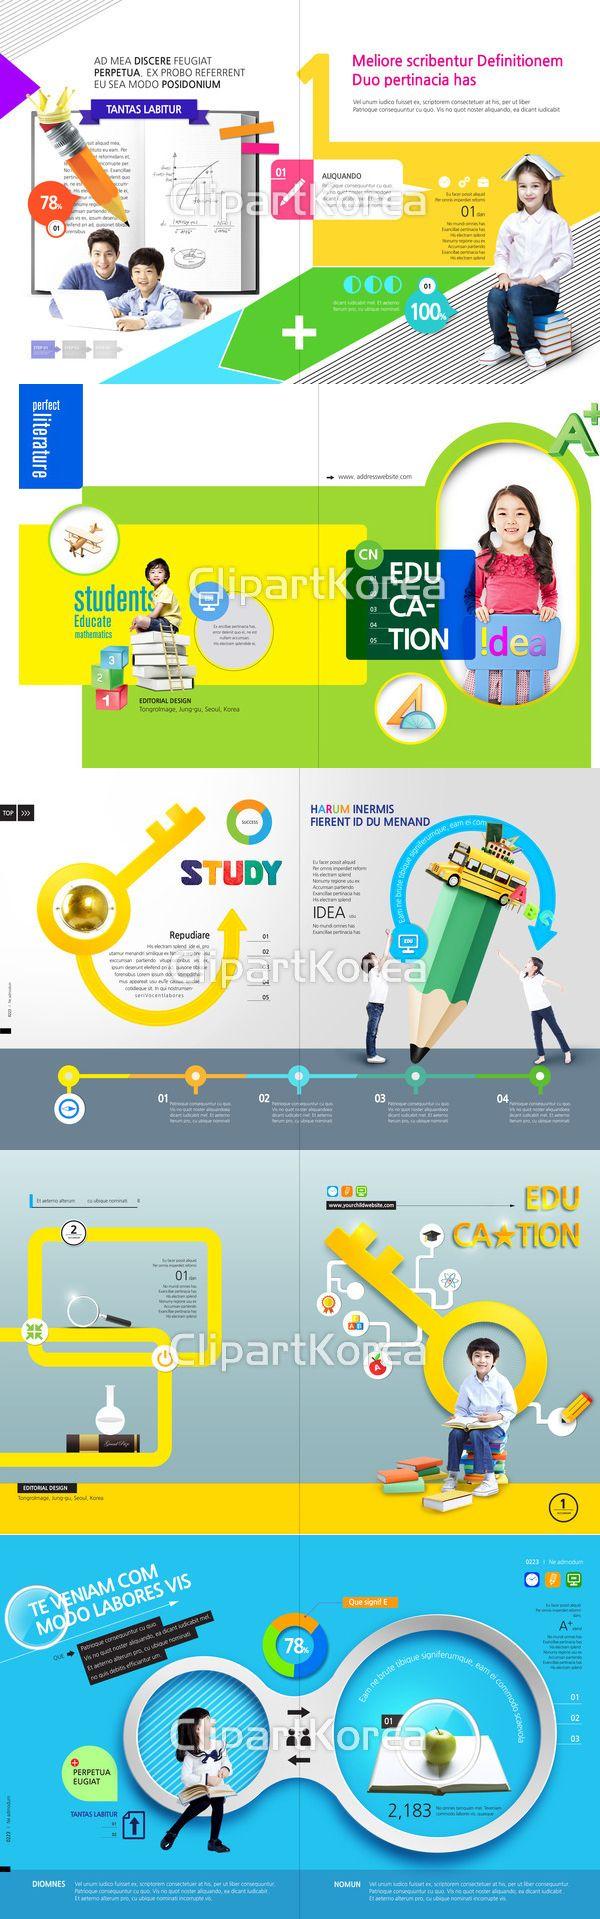 교육 / 어린이 관련 편집 디자인 모음입니다:) The collection of editorial design #클립아트코리아…